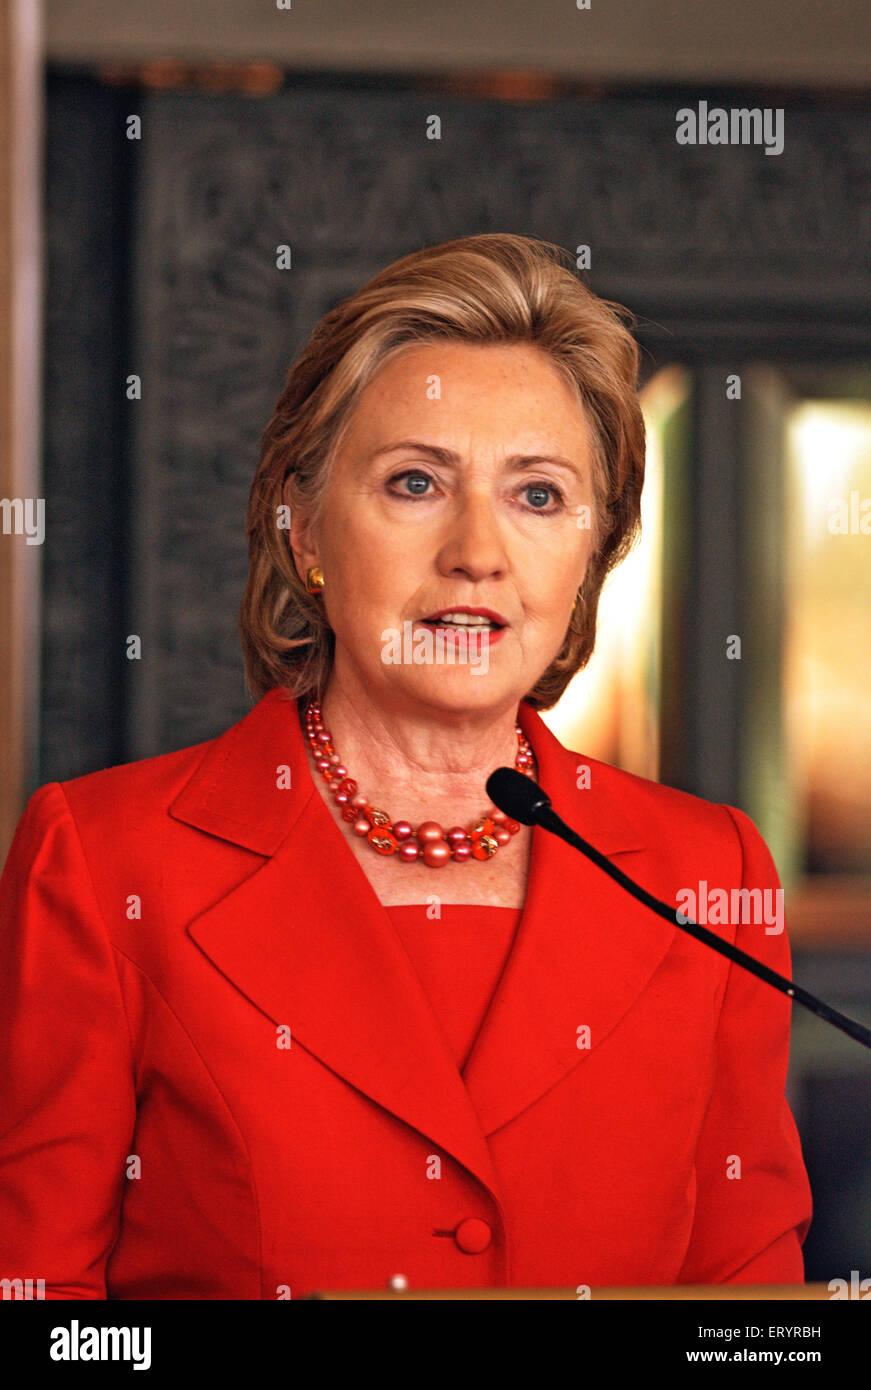 Hillary clinton united states secretary ; India 18 July 2009 NOMR - Stock Image